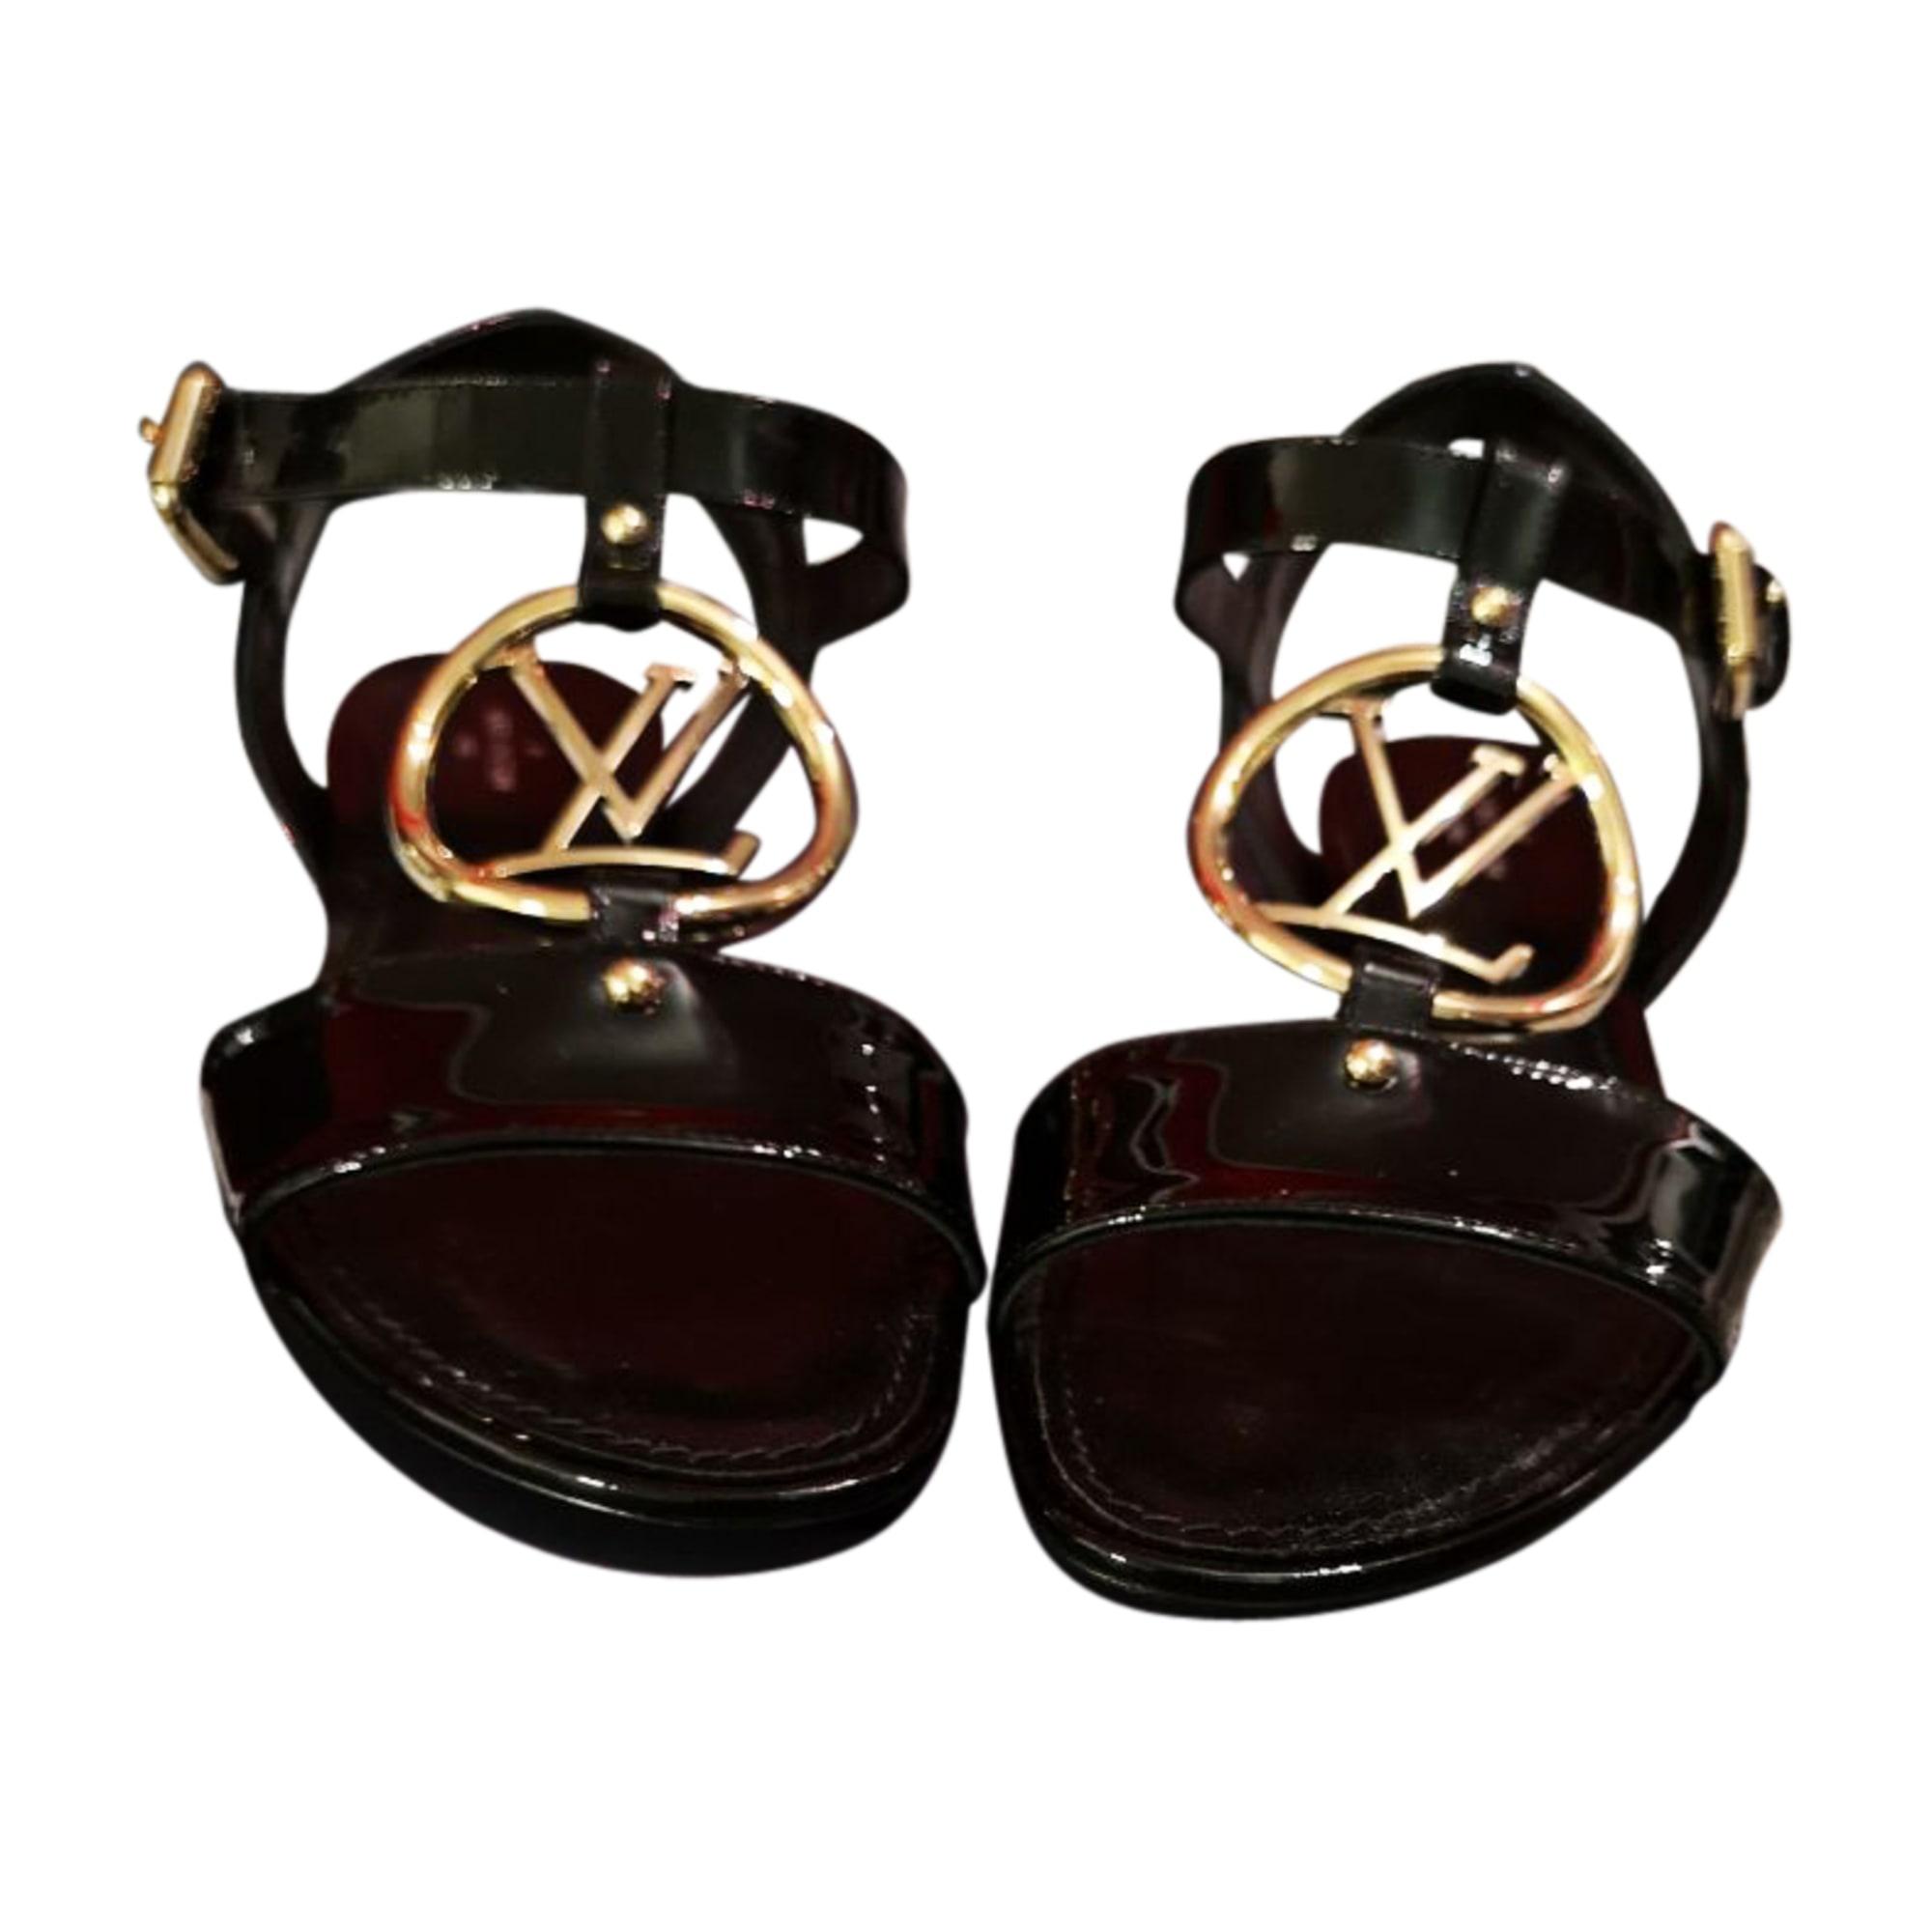 59470c648006e Flat Sandals LOUIS VUITTON 36 black vendu par Suzabelle169308 - 7859108